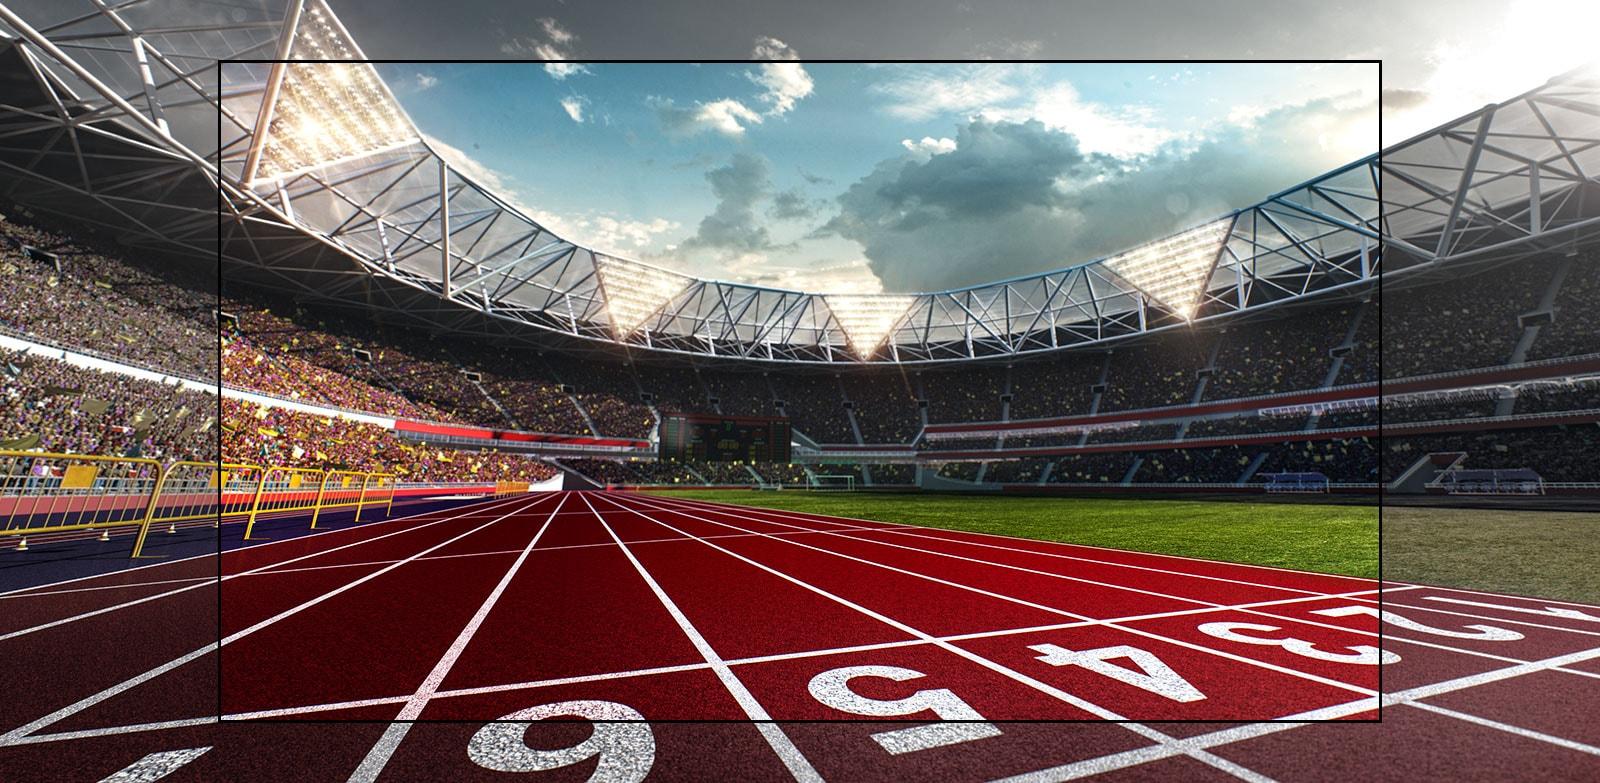 TV képernyőn megjelenő stadion, ráközelítve a futópályára. A stadion tele van nézőkkel.